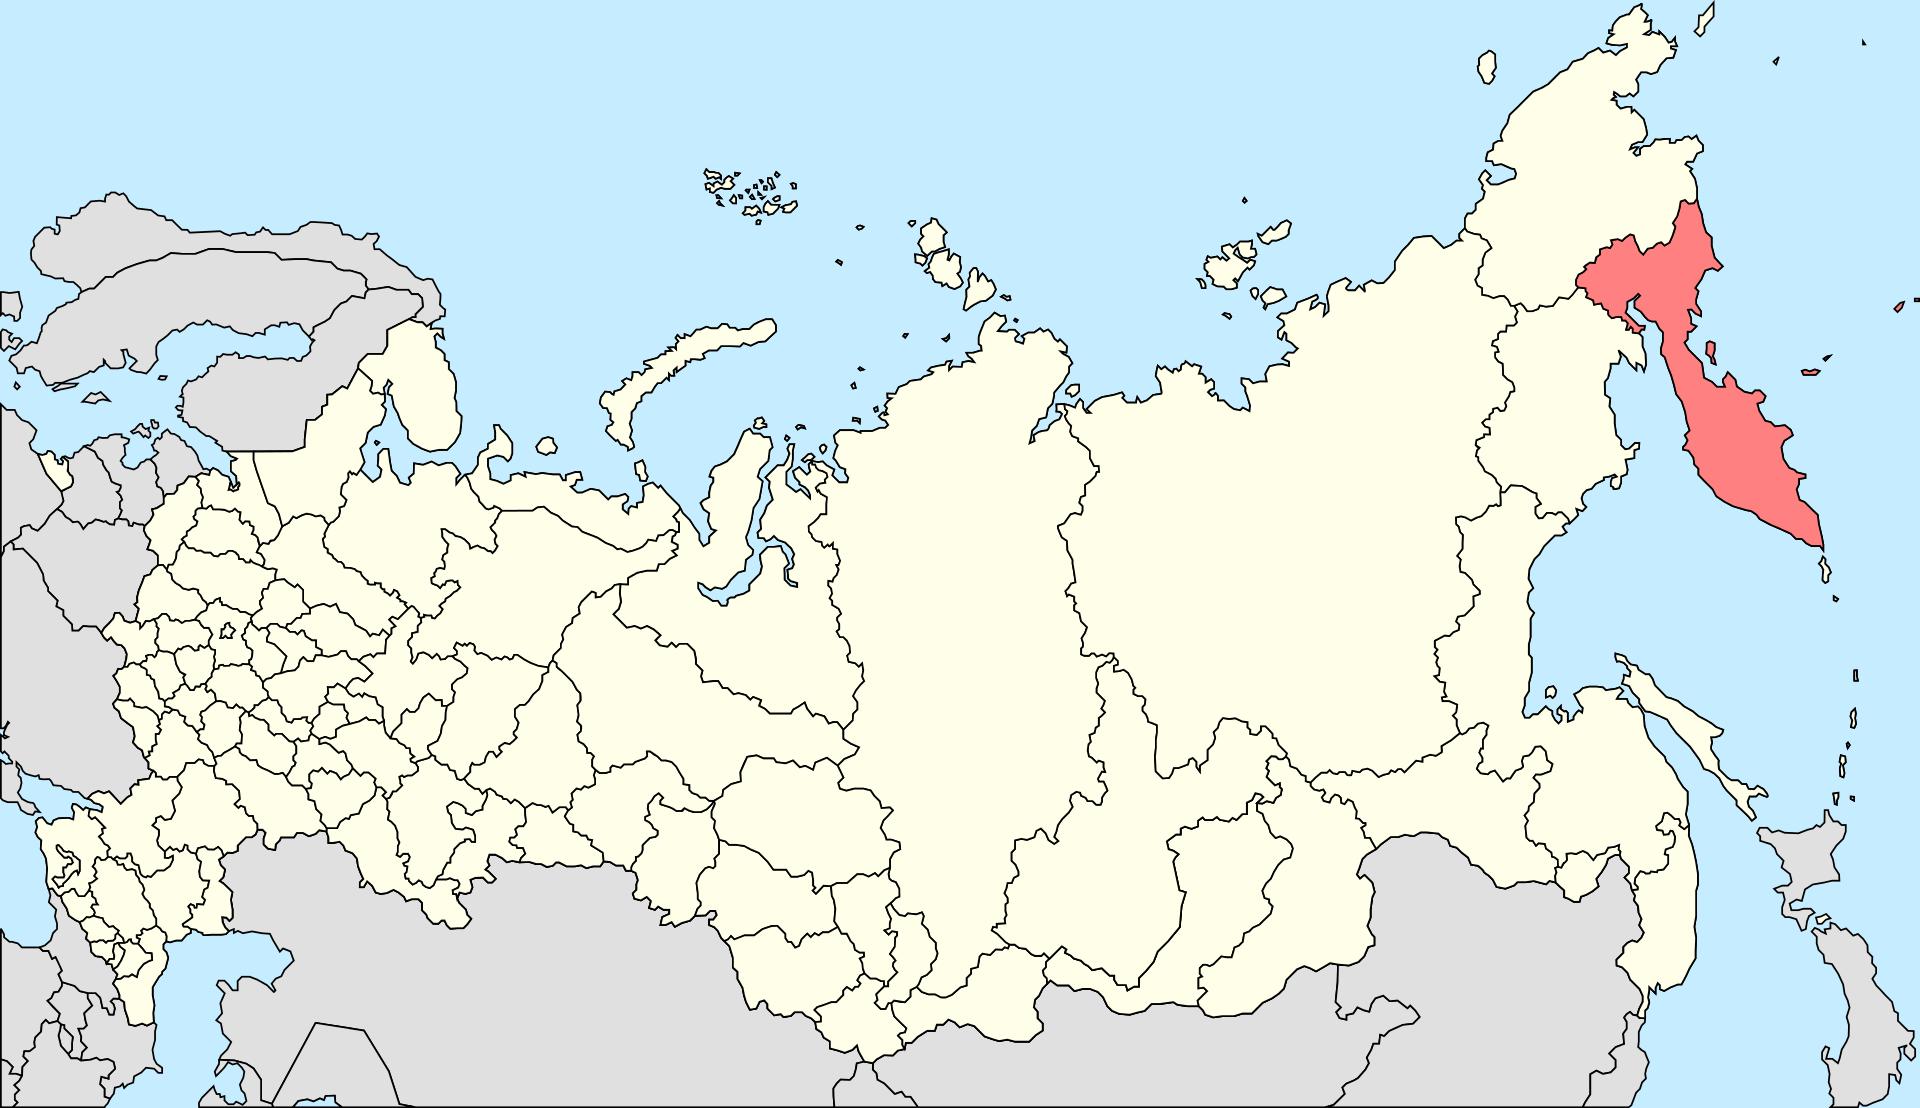 Χάρτης της χερσονήσου της Καμτσάτκα στη ρωσική άπω ανατολή, όπου βρίσκονται 29 ηφαίστεια.